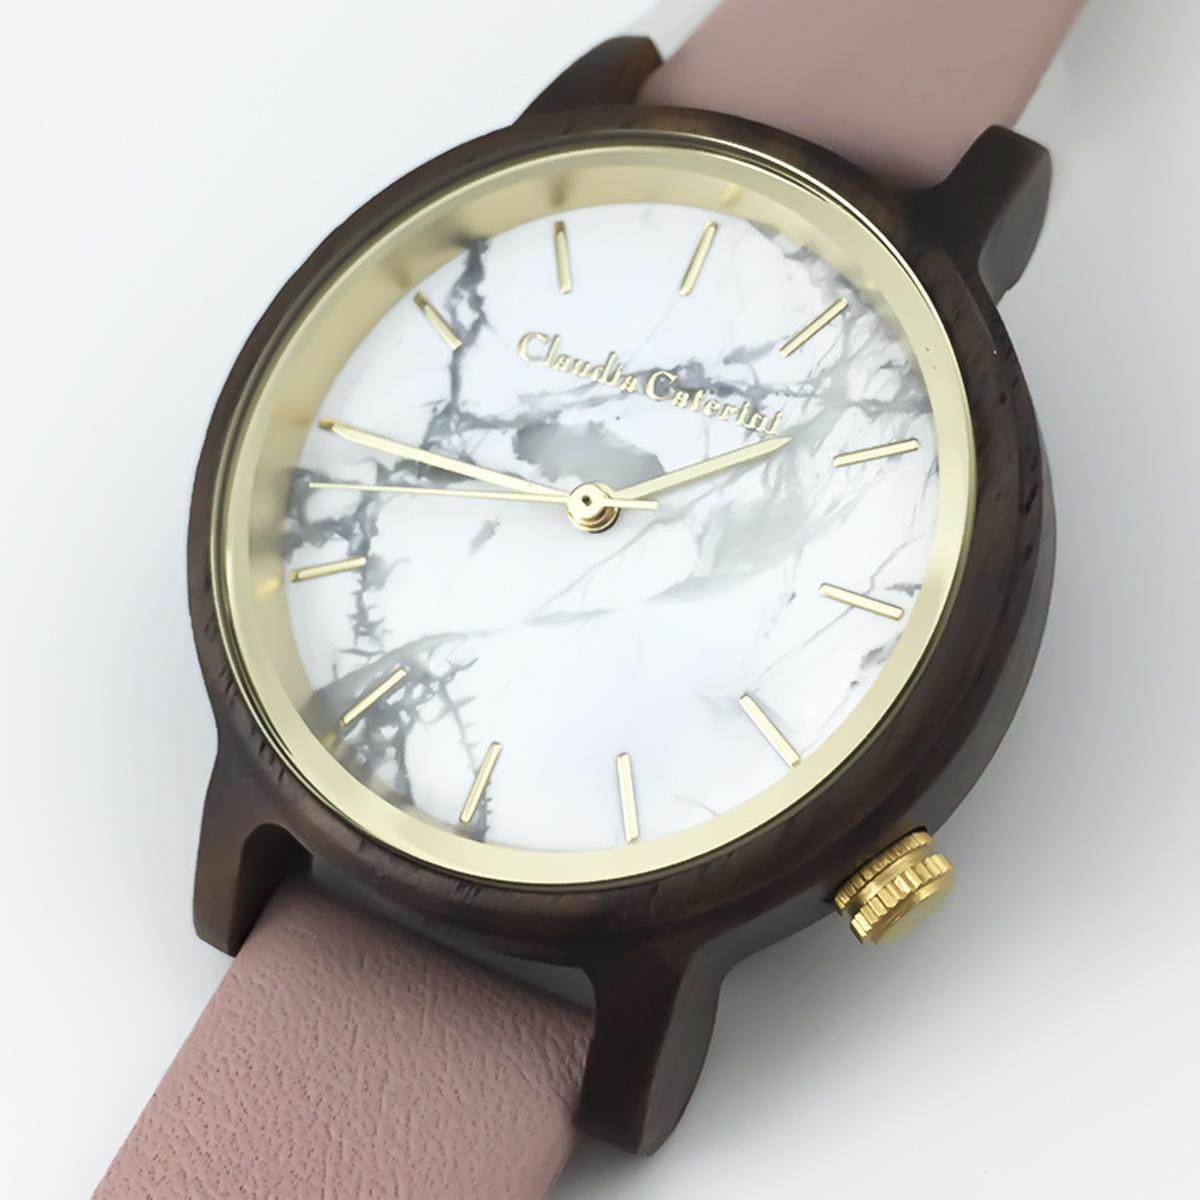 Claudia Caterini クラウディアカテリーニ ウッド&マーブルウオッチ アナログウオッチ 腕時計 本革レディース【CC-A120】